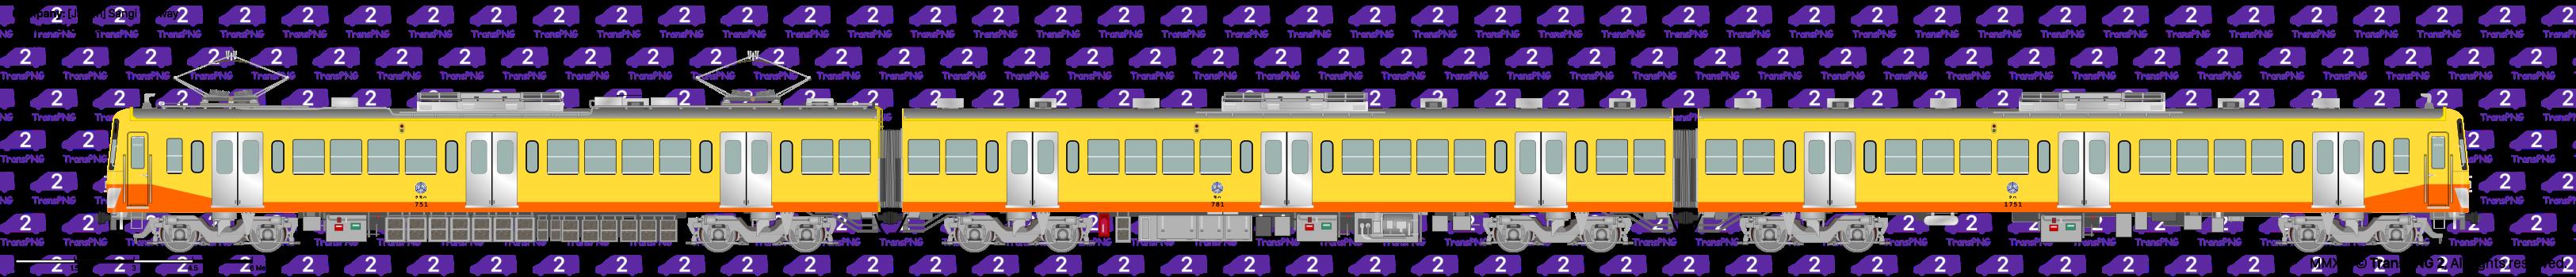 鉄道列車 24023